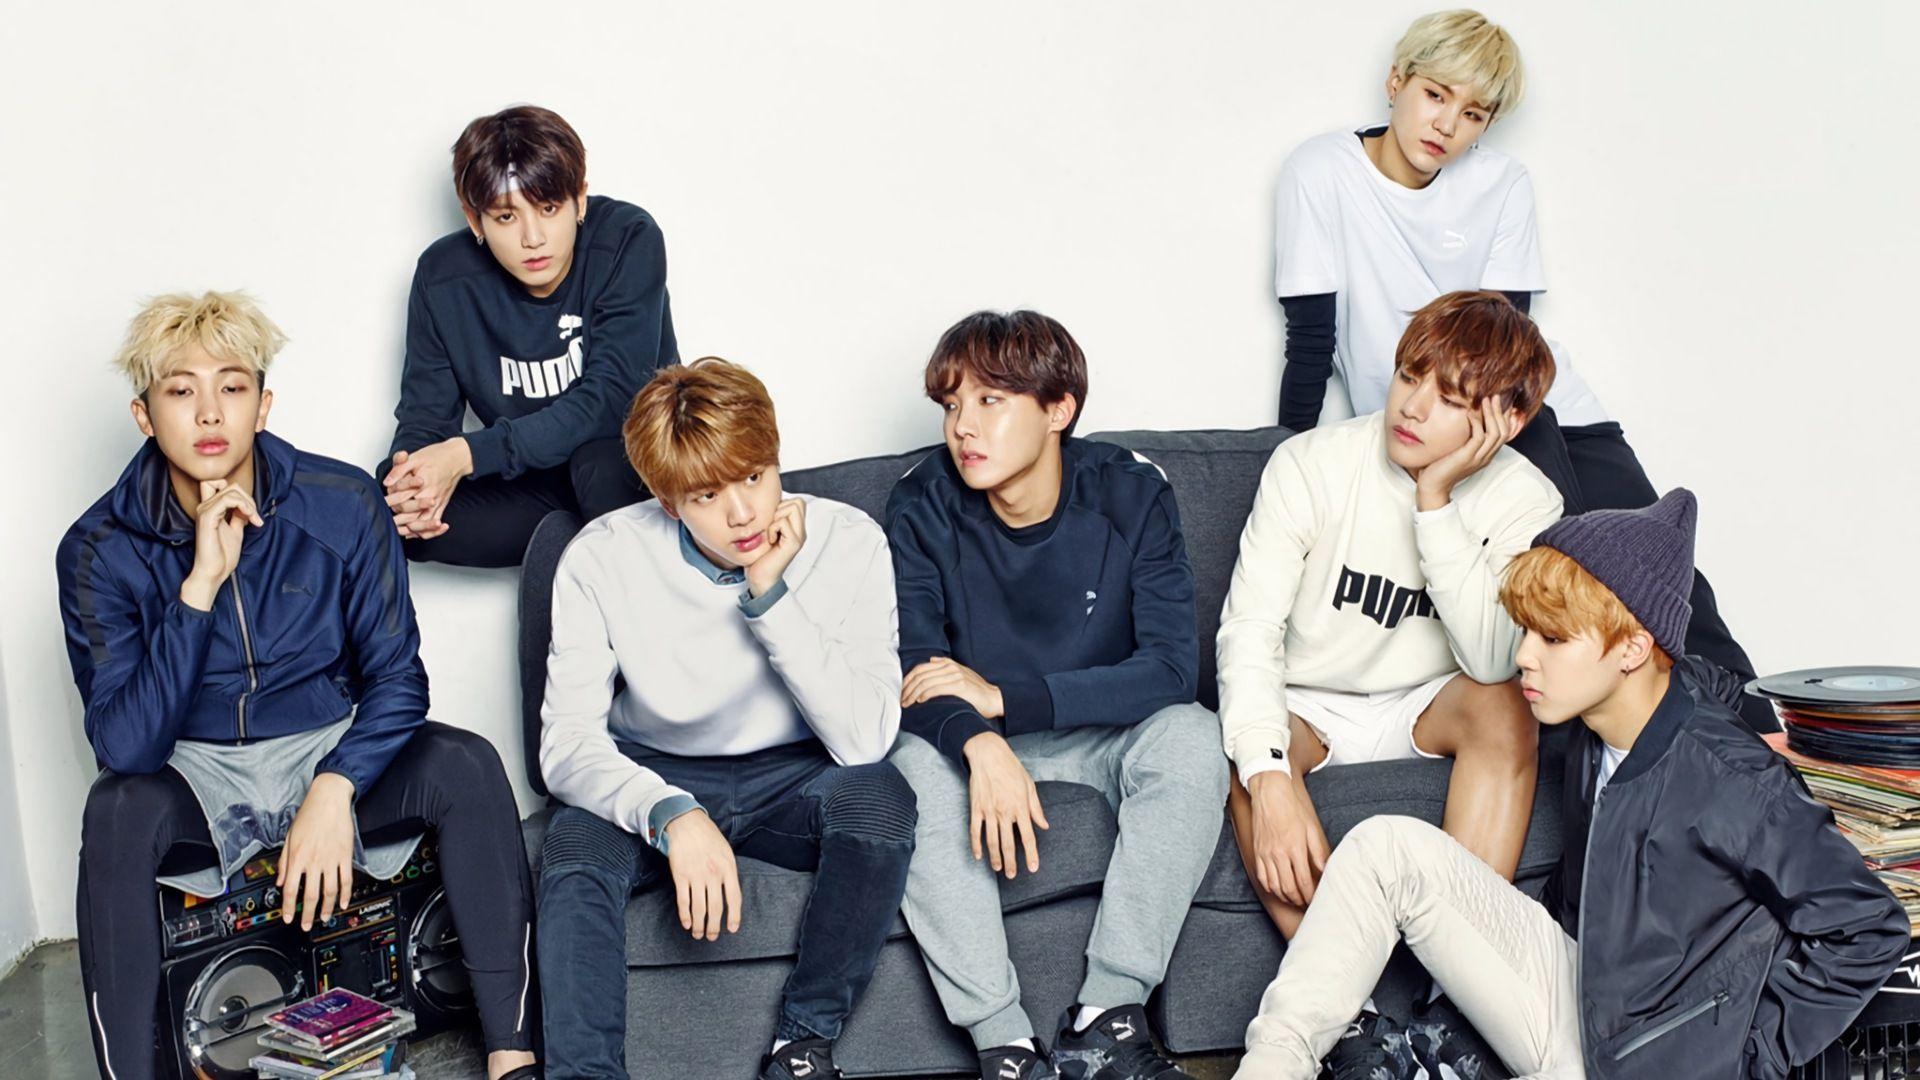 K Pop Bts Members Desktop Wallpapers En 2020 Jin Bts Bts Jin Bts